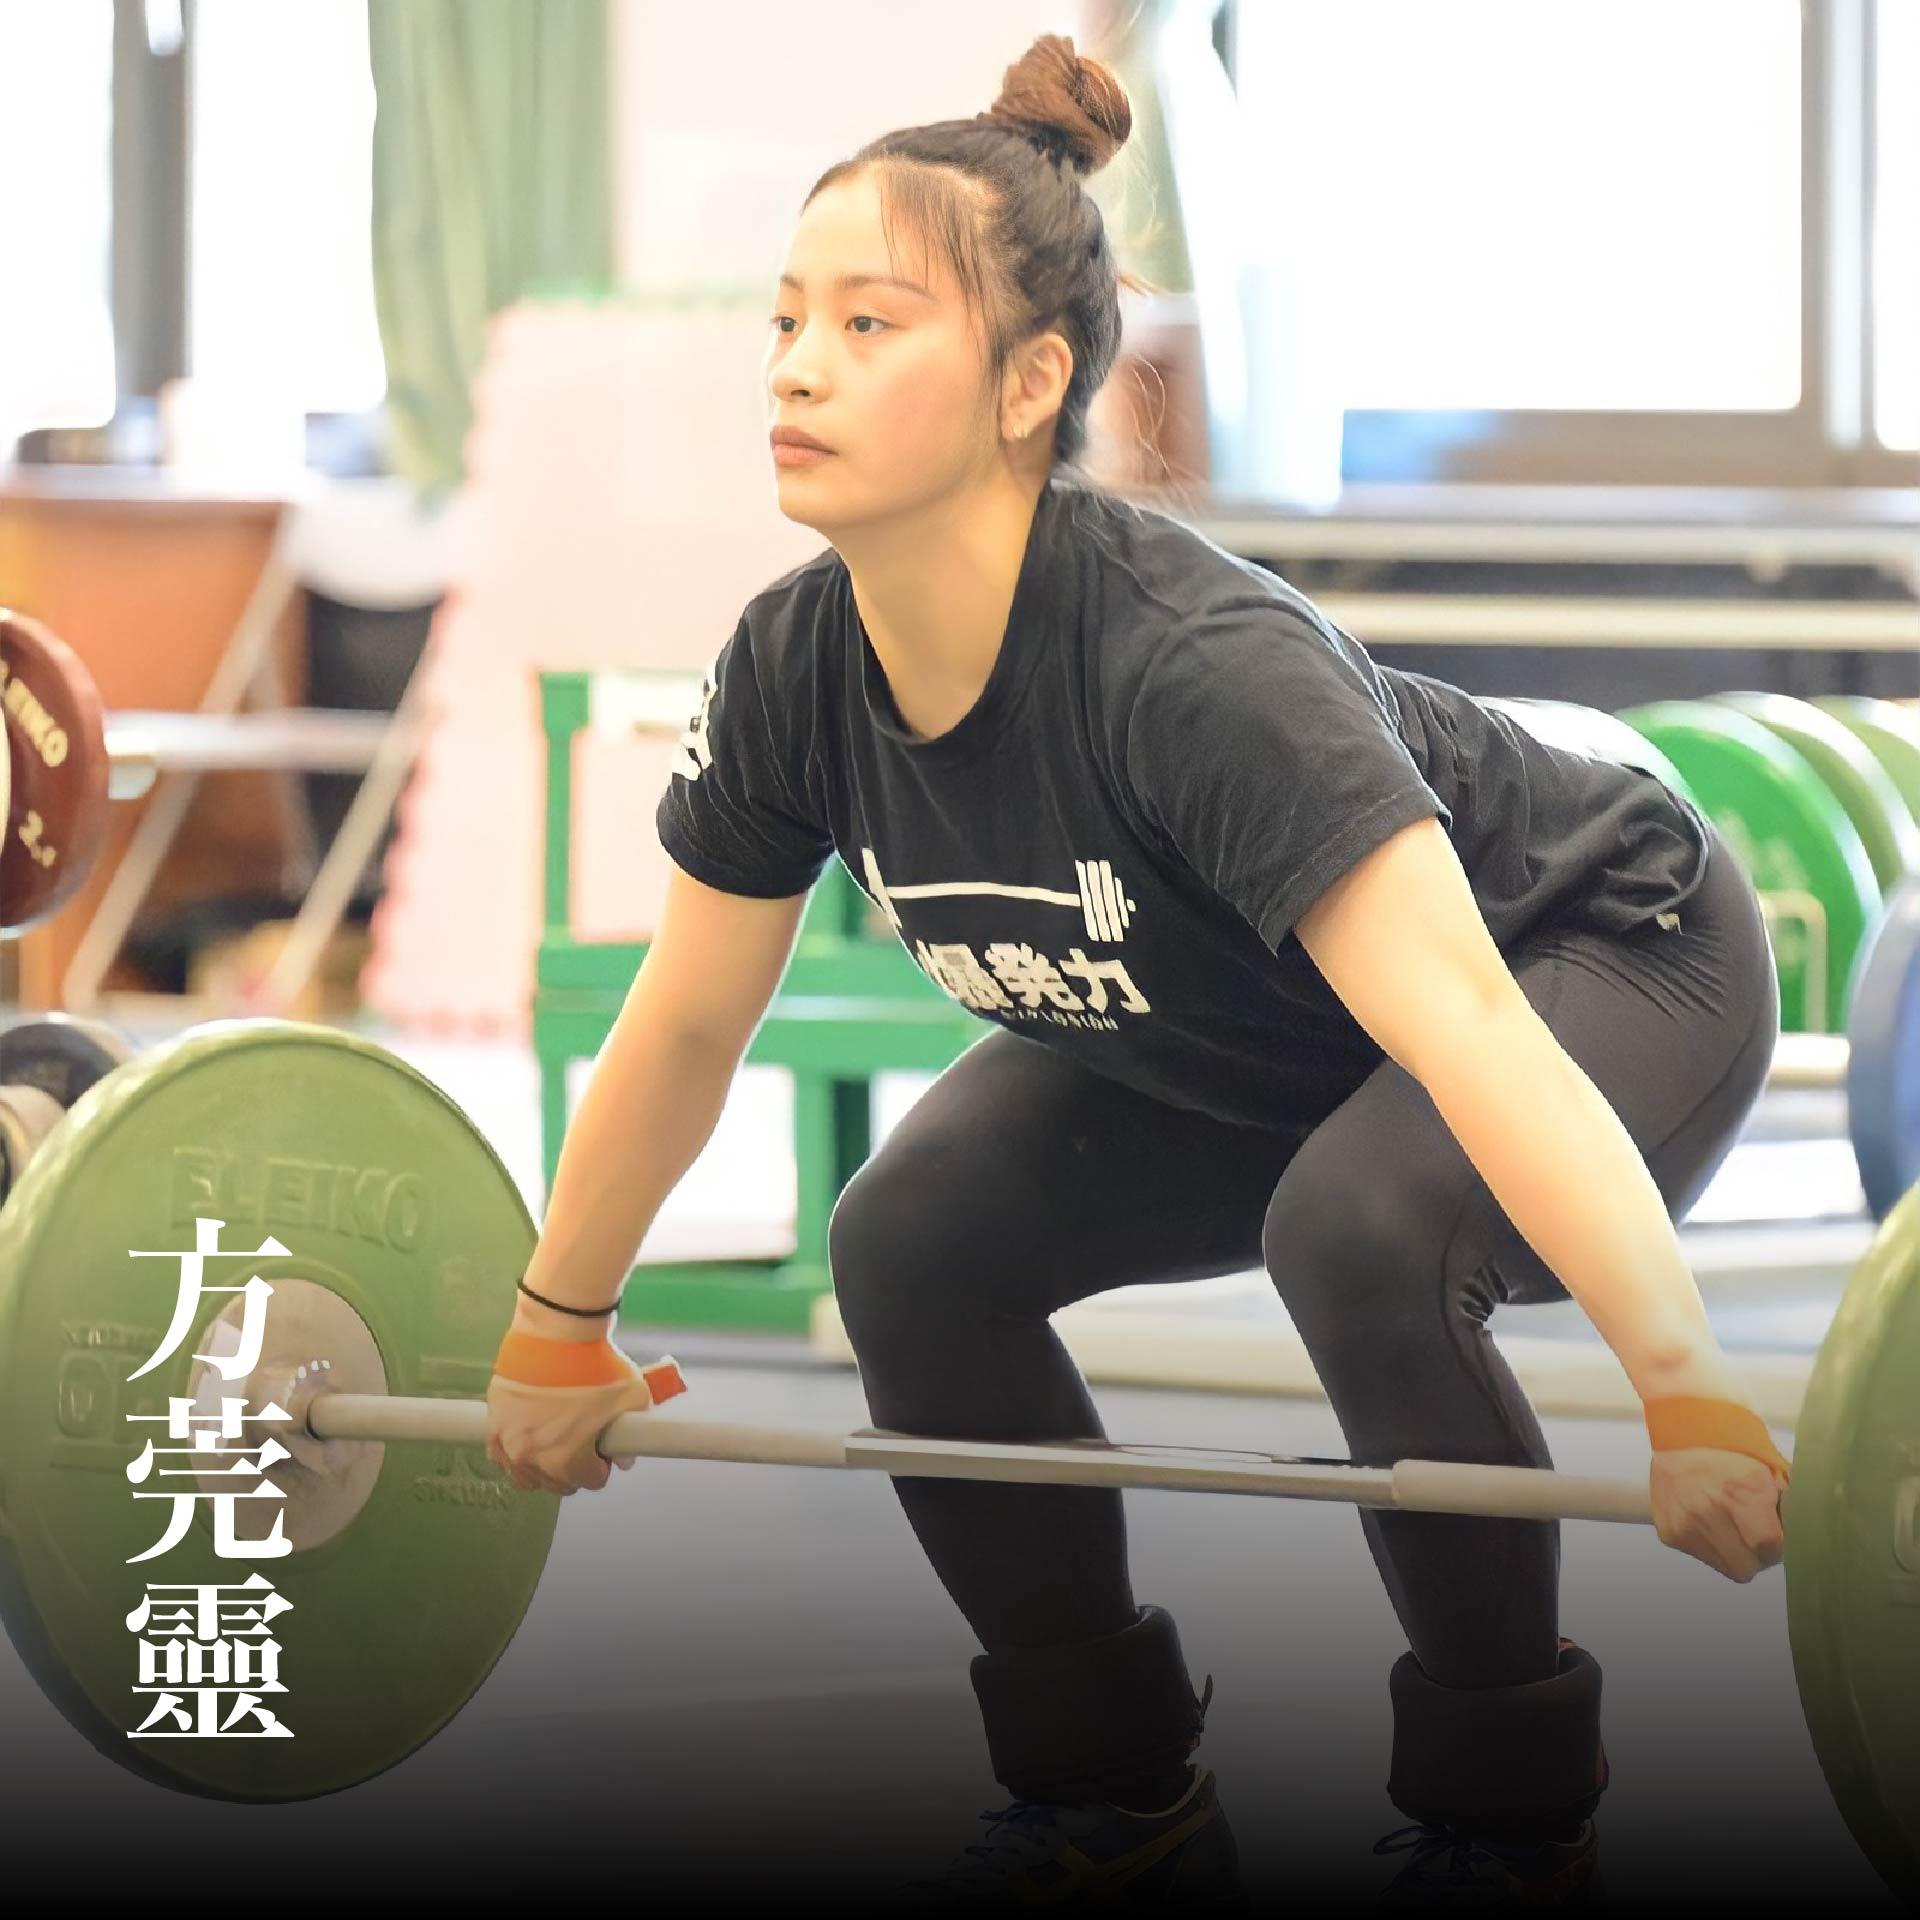 比賽不是只有拿金牌,一起認識台灣之光 IV